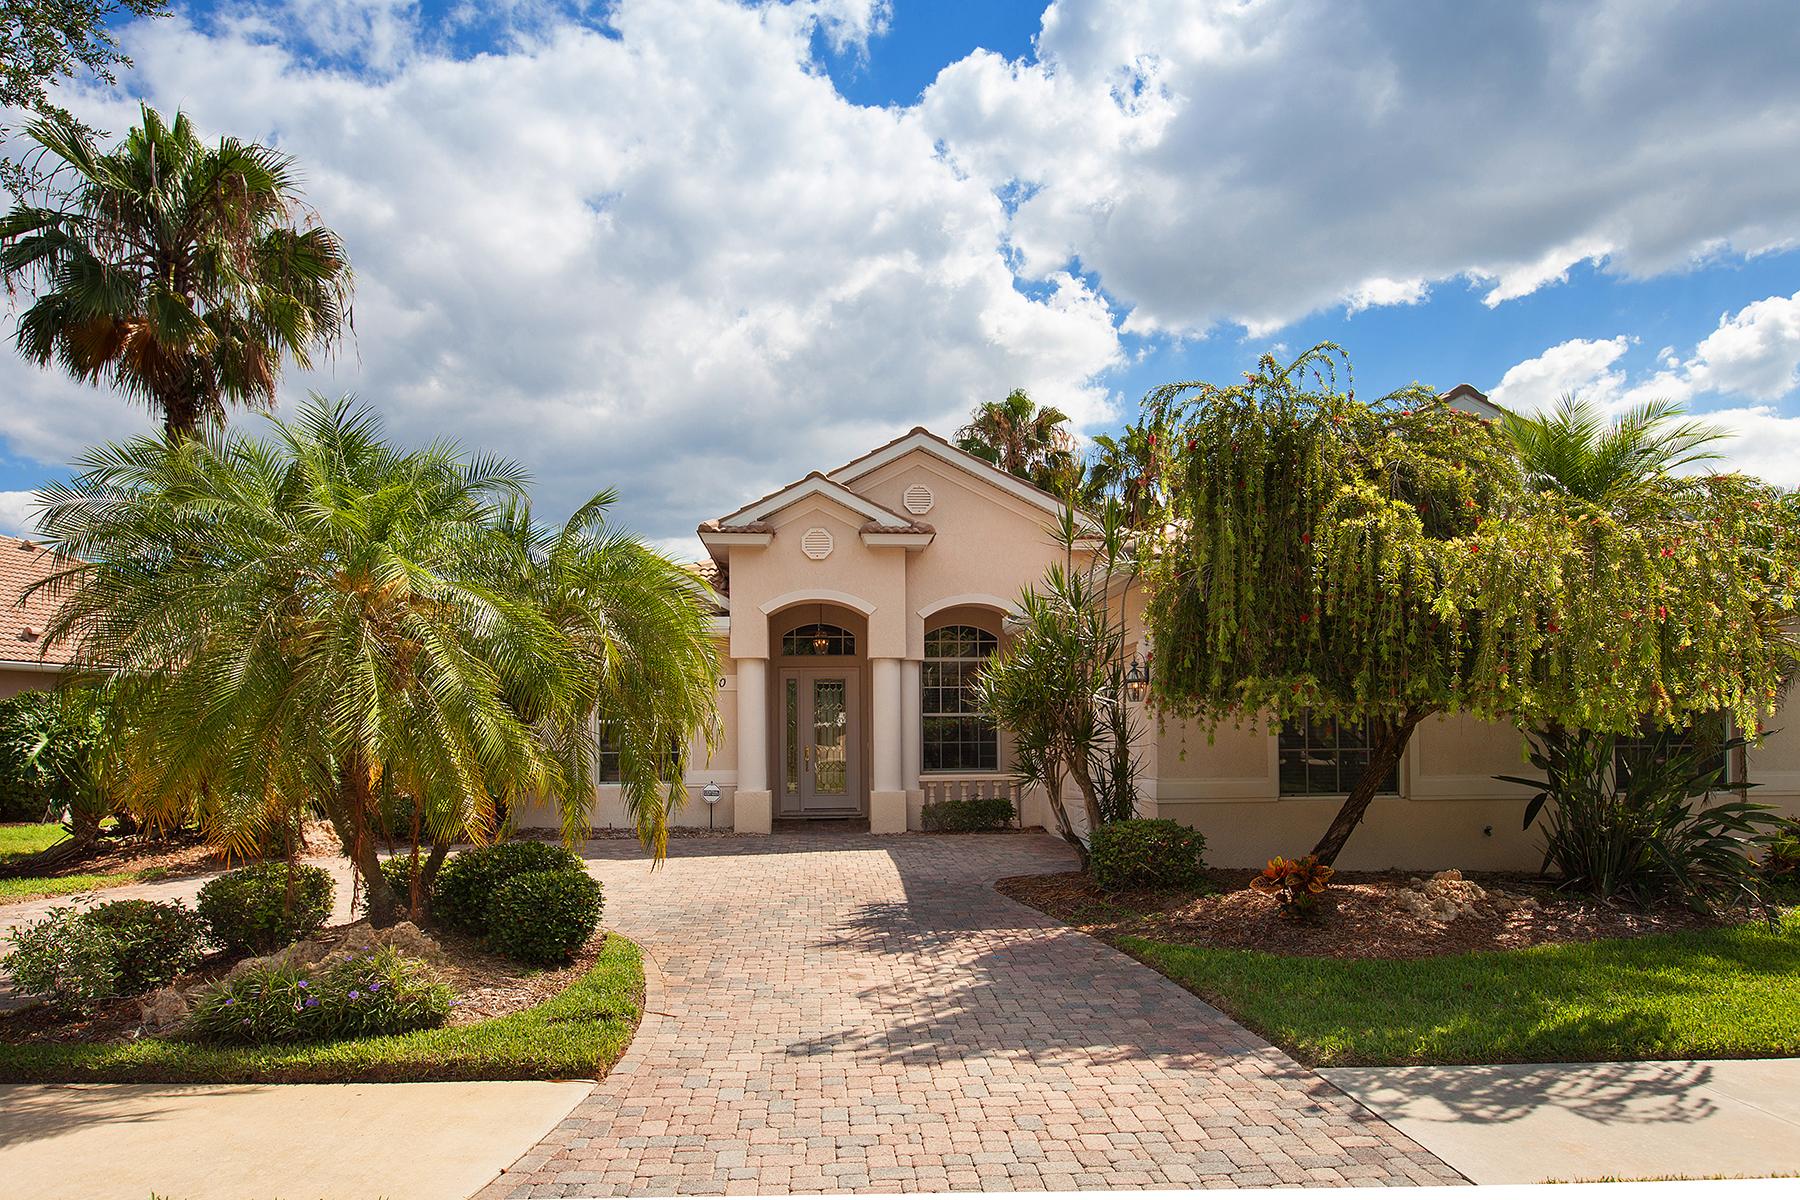 Einfamilienhaus für Verkauf beim VENETIA 5040 Bella Terra Dr Venice, Florida 34293 Vereinigte Staaten